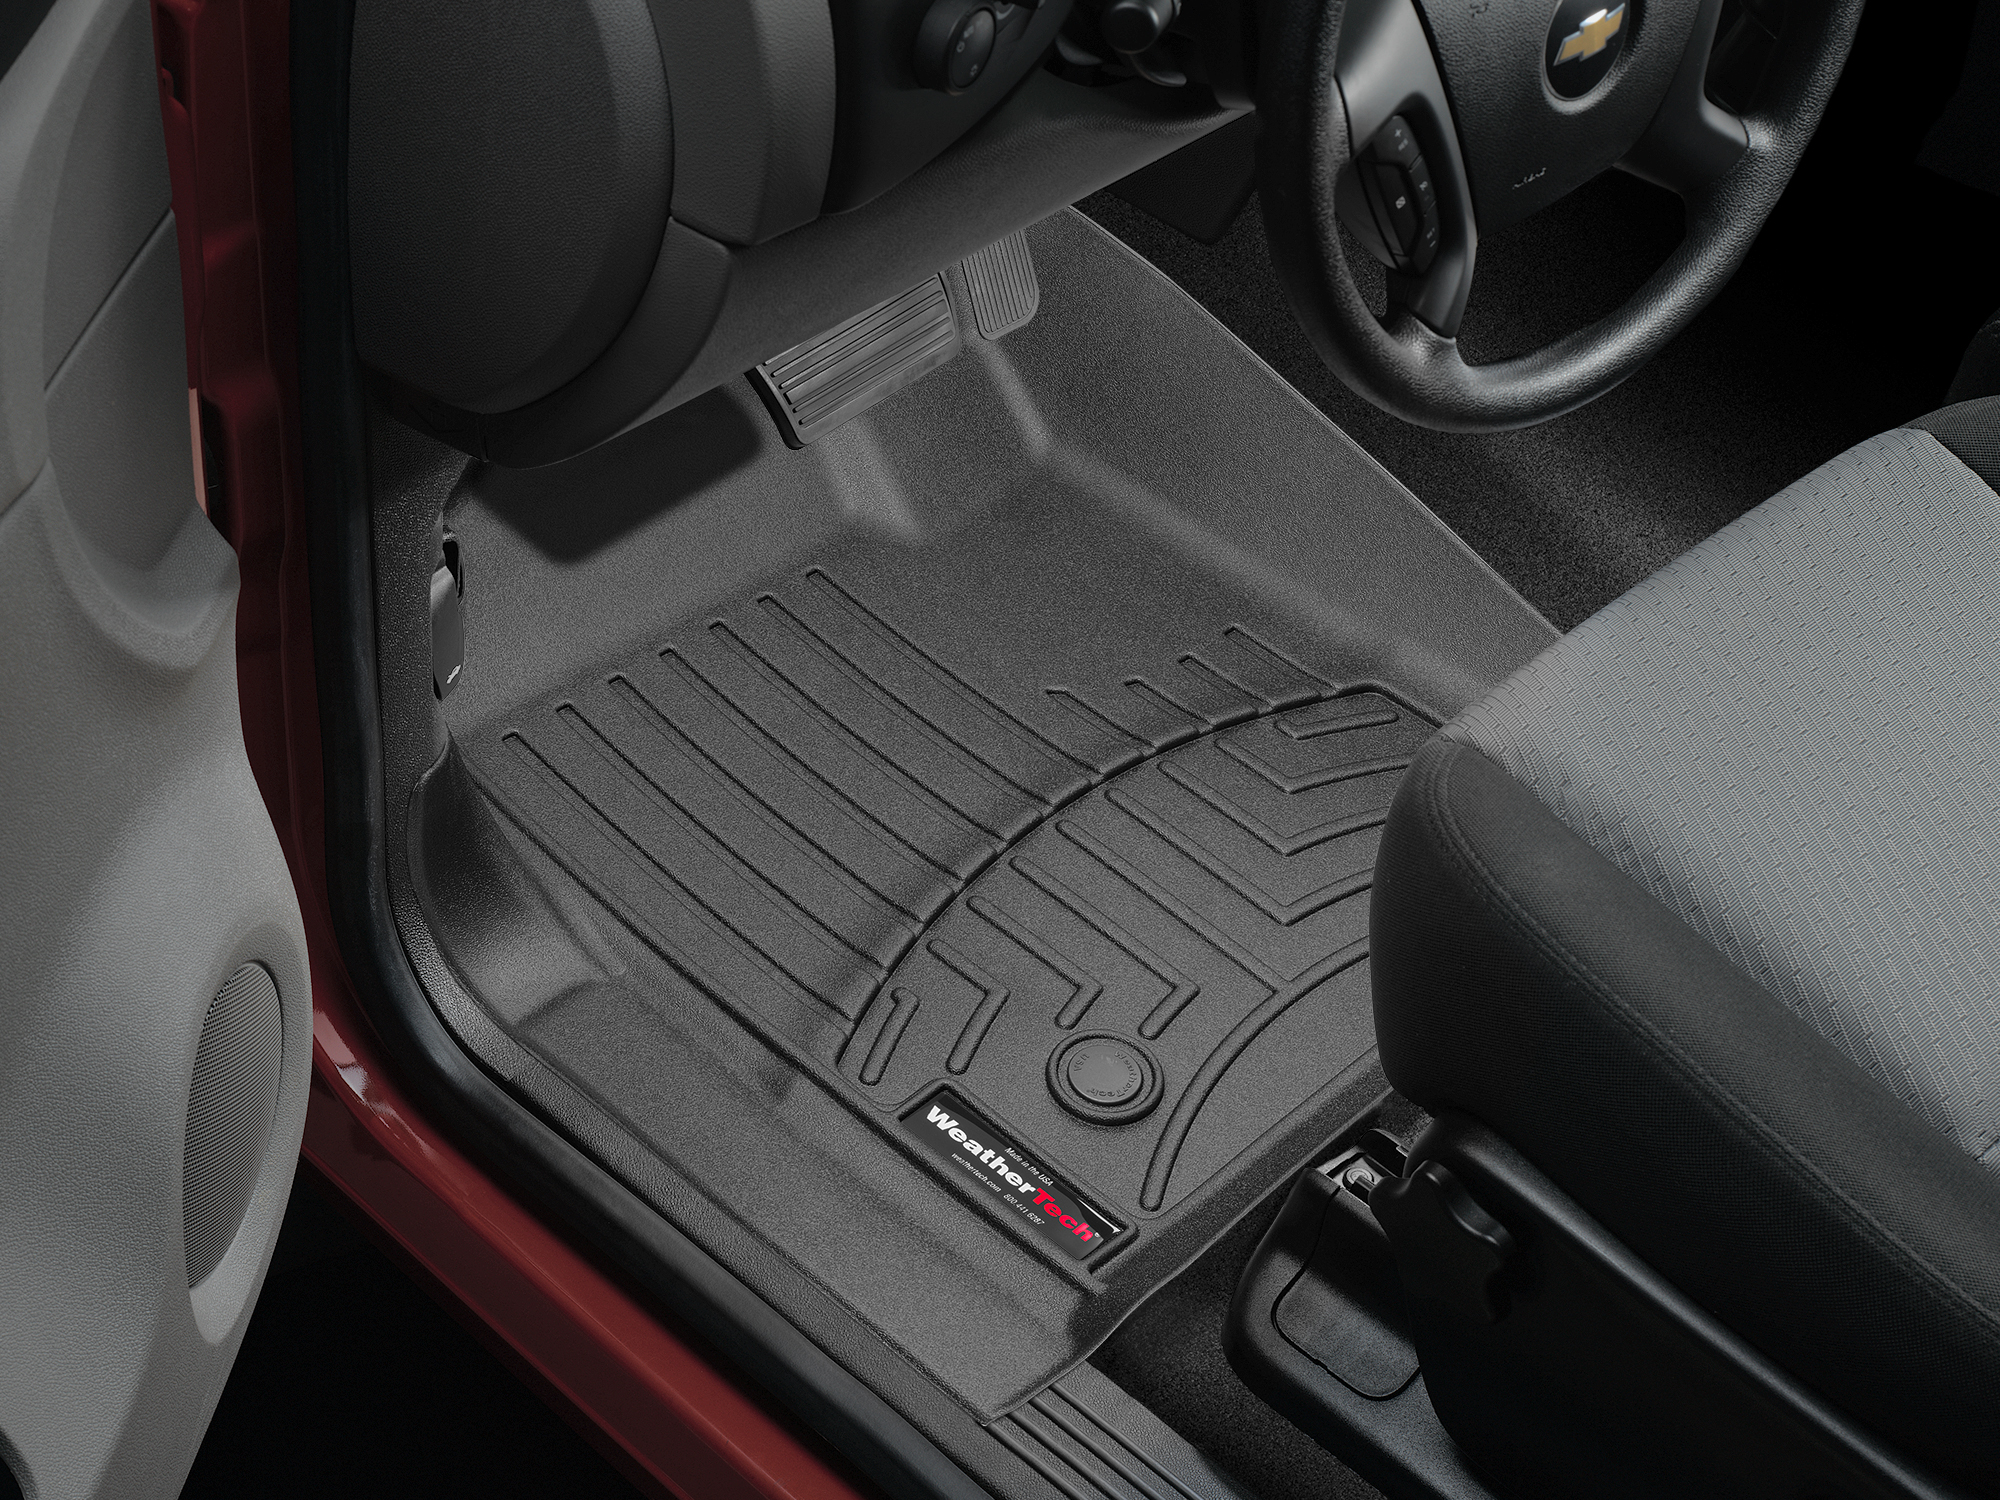 Tappeti gomma su misura bordo alto Chevrolet Silverado 14>14 Nero A188